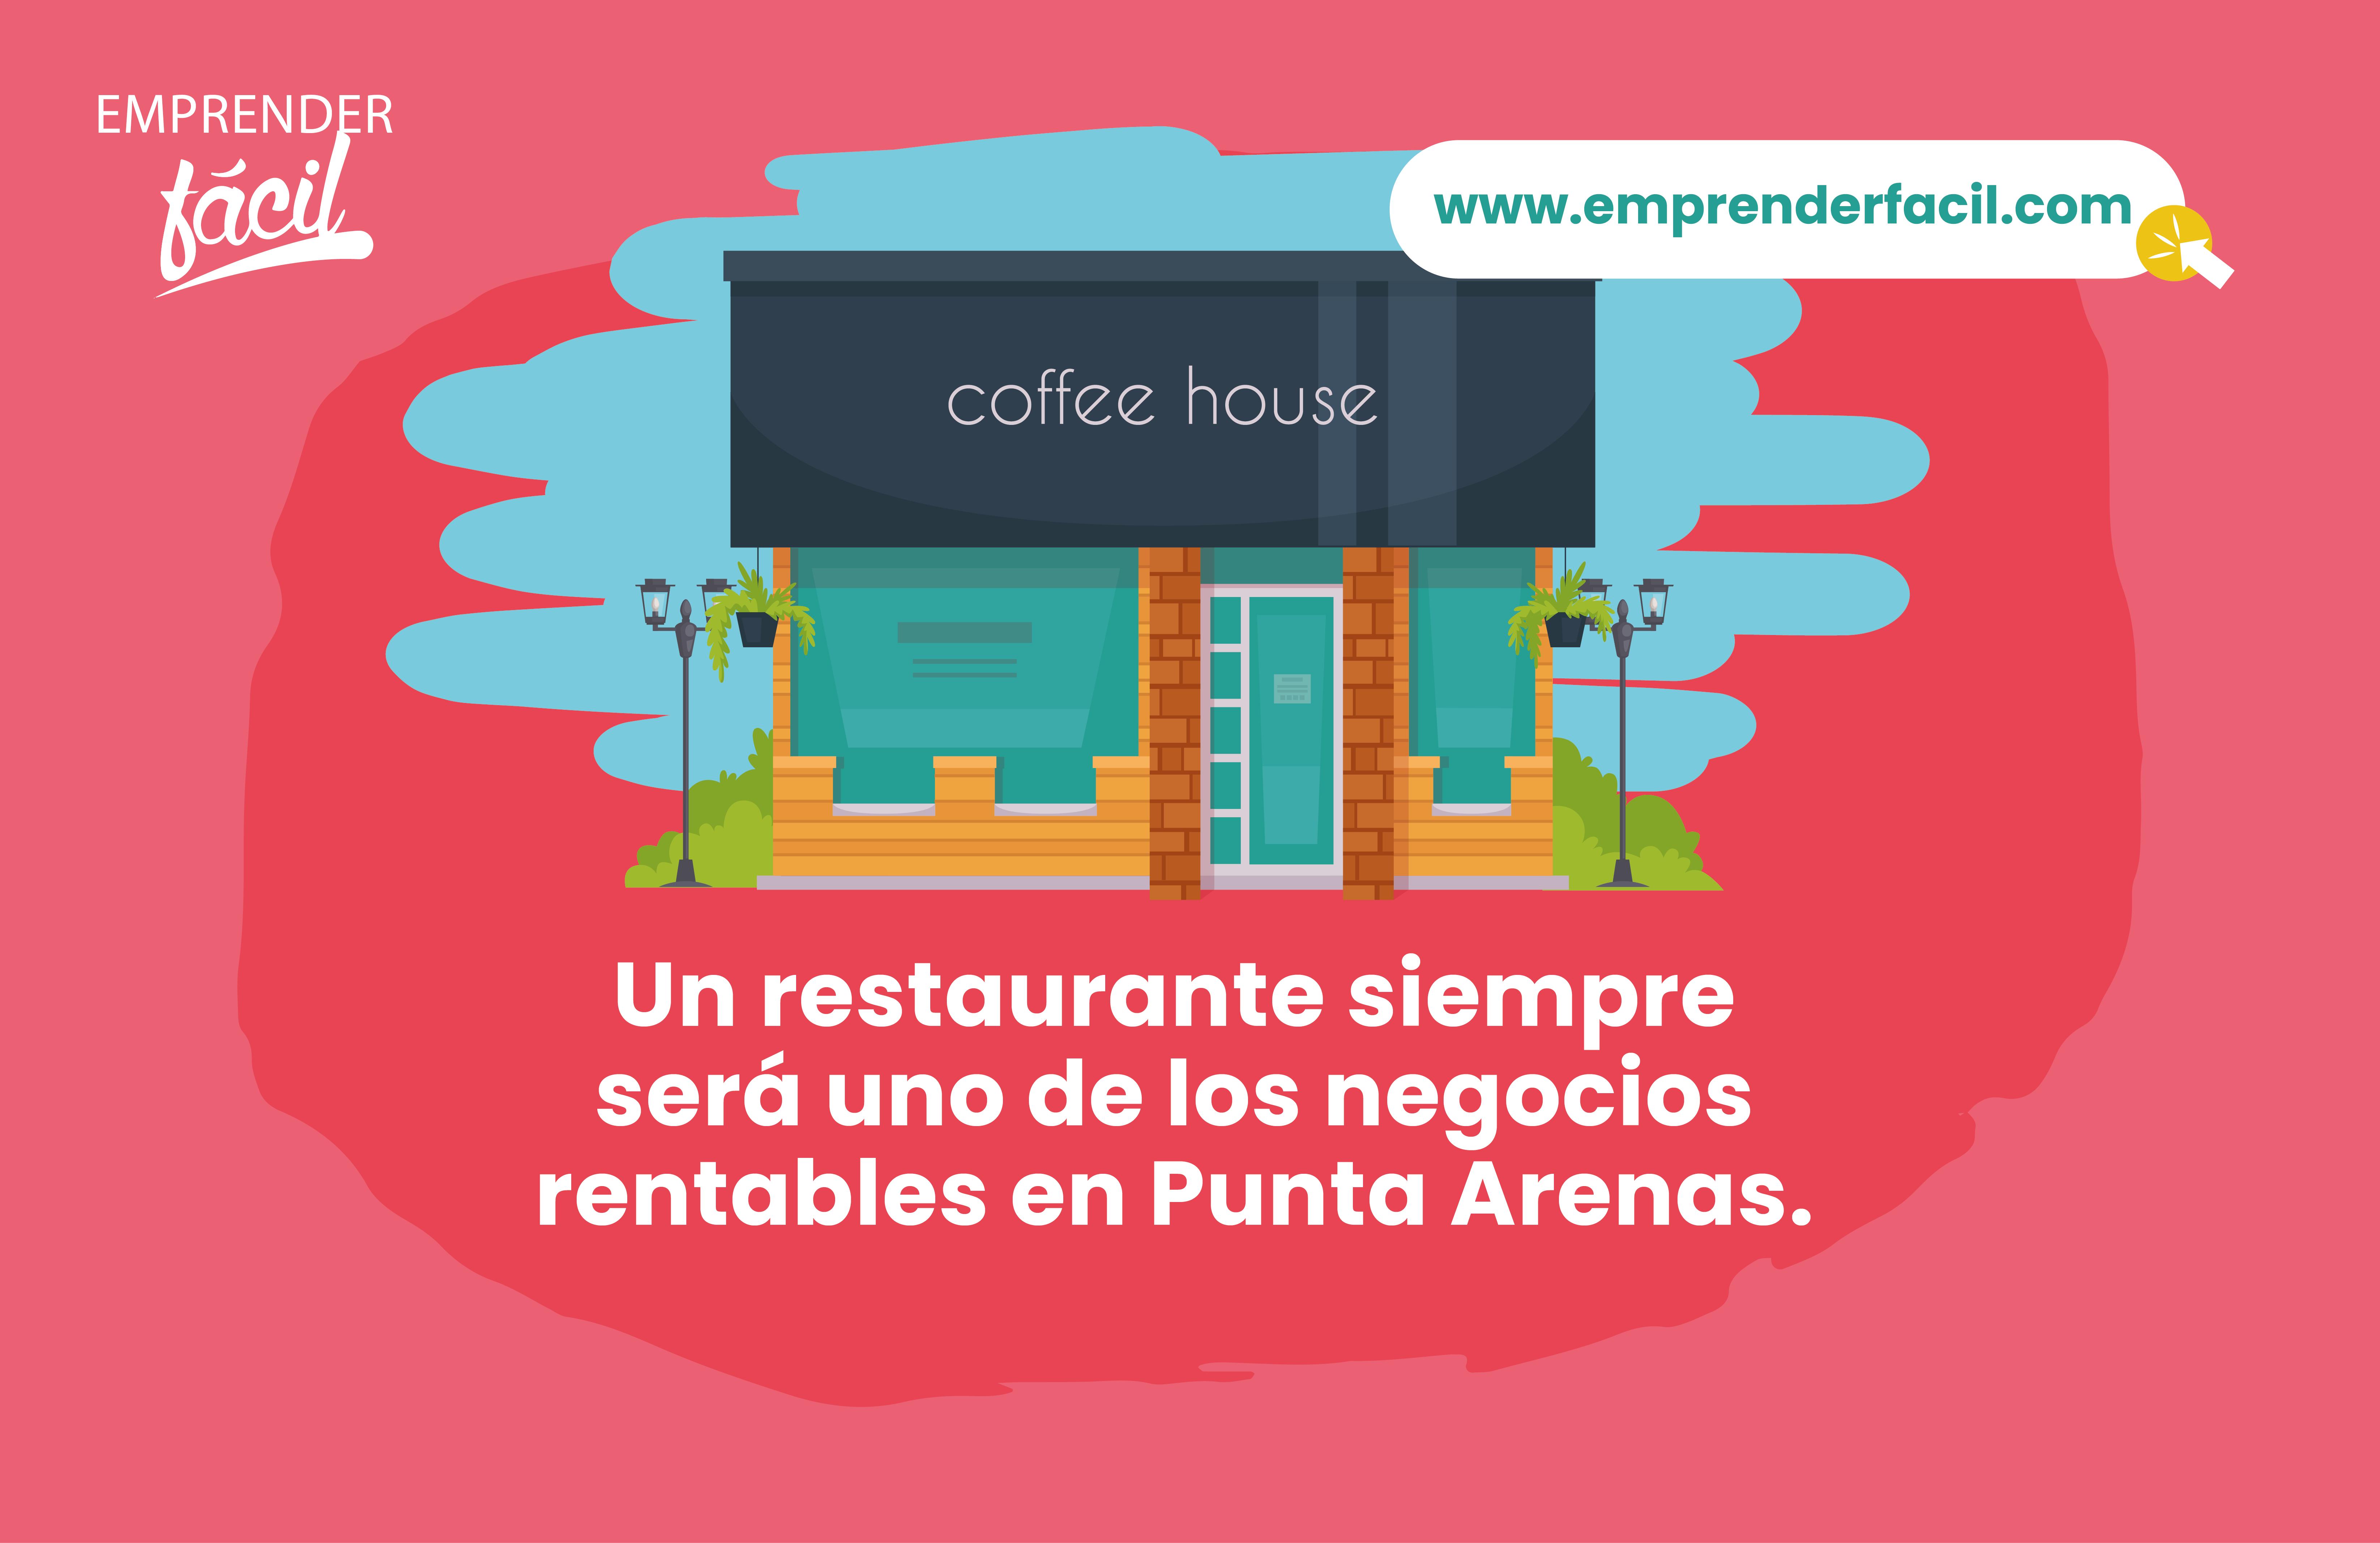 Un restaurante siempre será uno de los negocios rentables en Punta Arenas.